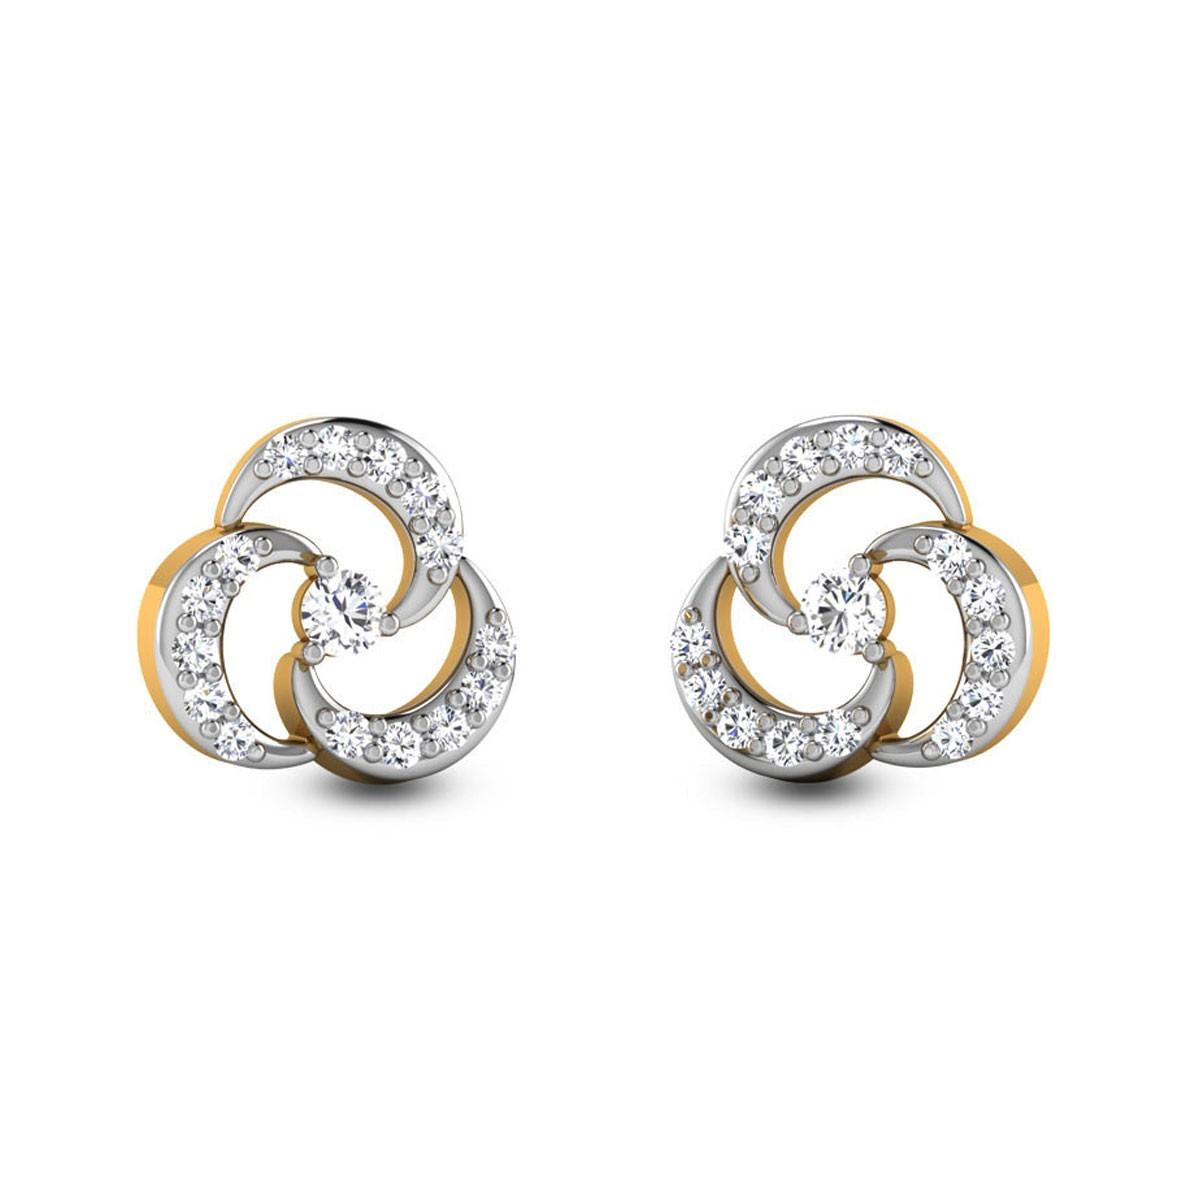 Fullan Diamond Stud Floral Earrings